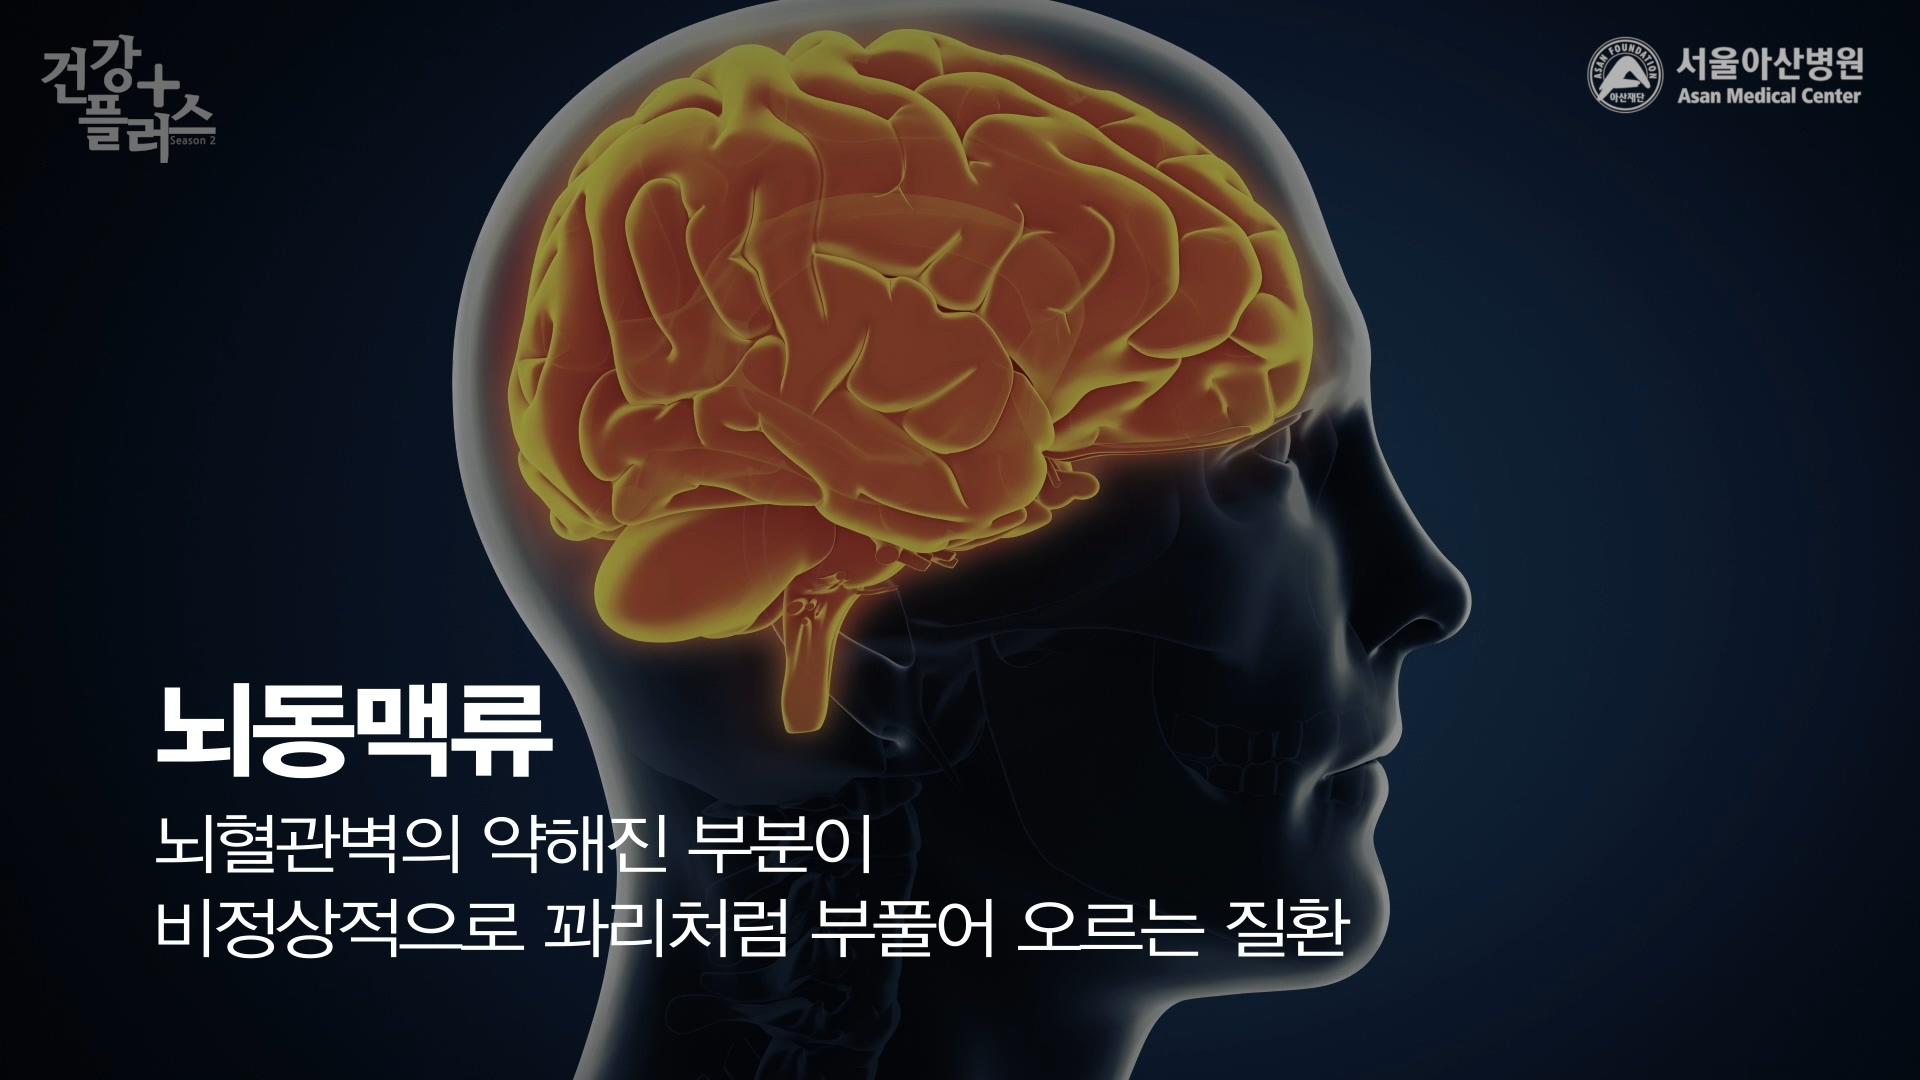 [건강+] 머릿속 시한폭탄 '뇌동맥류'